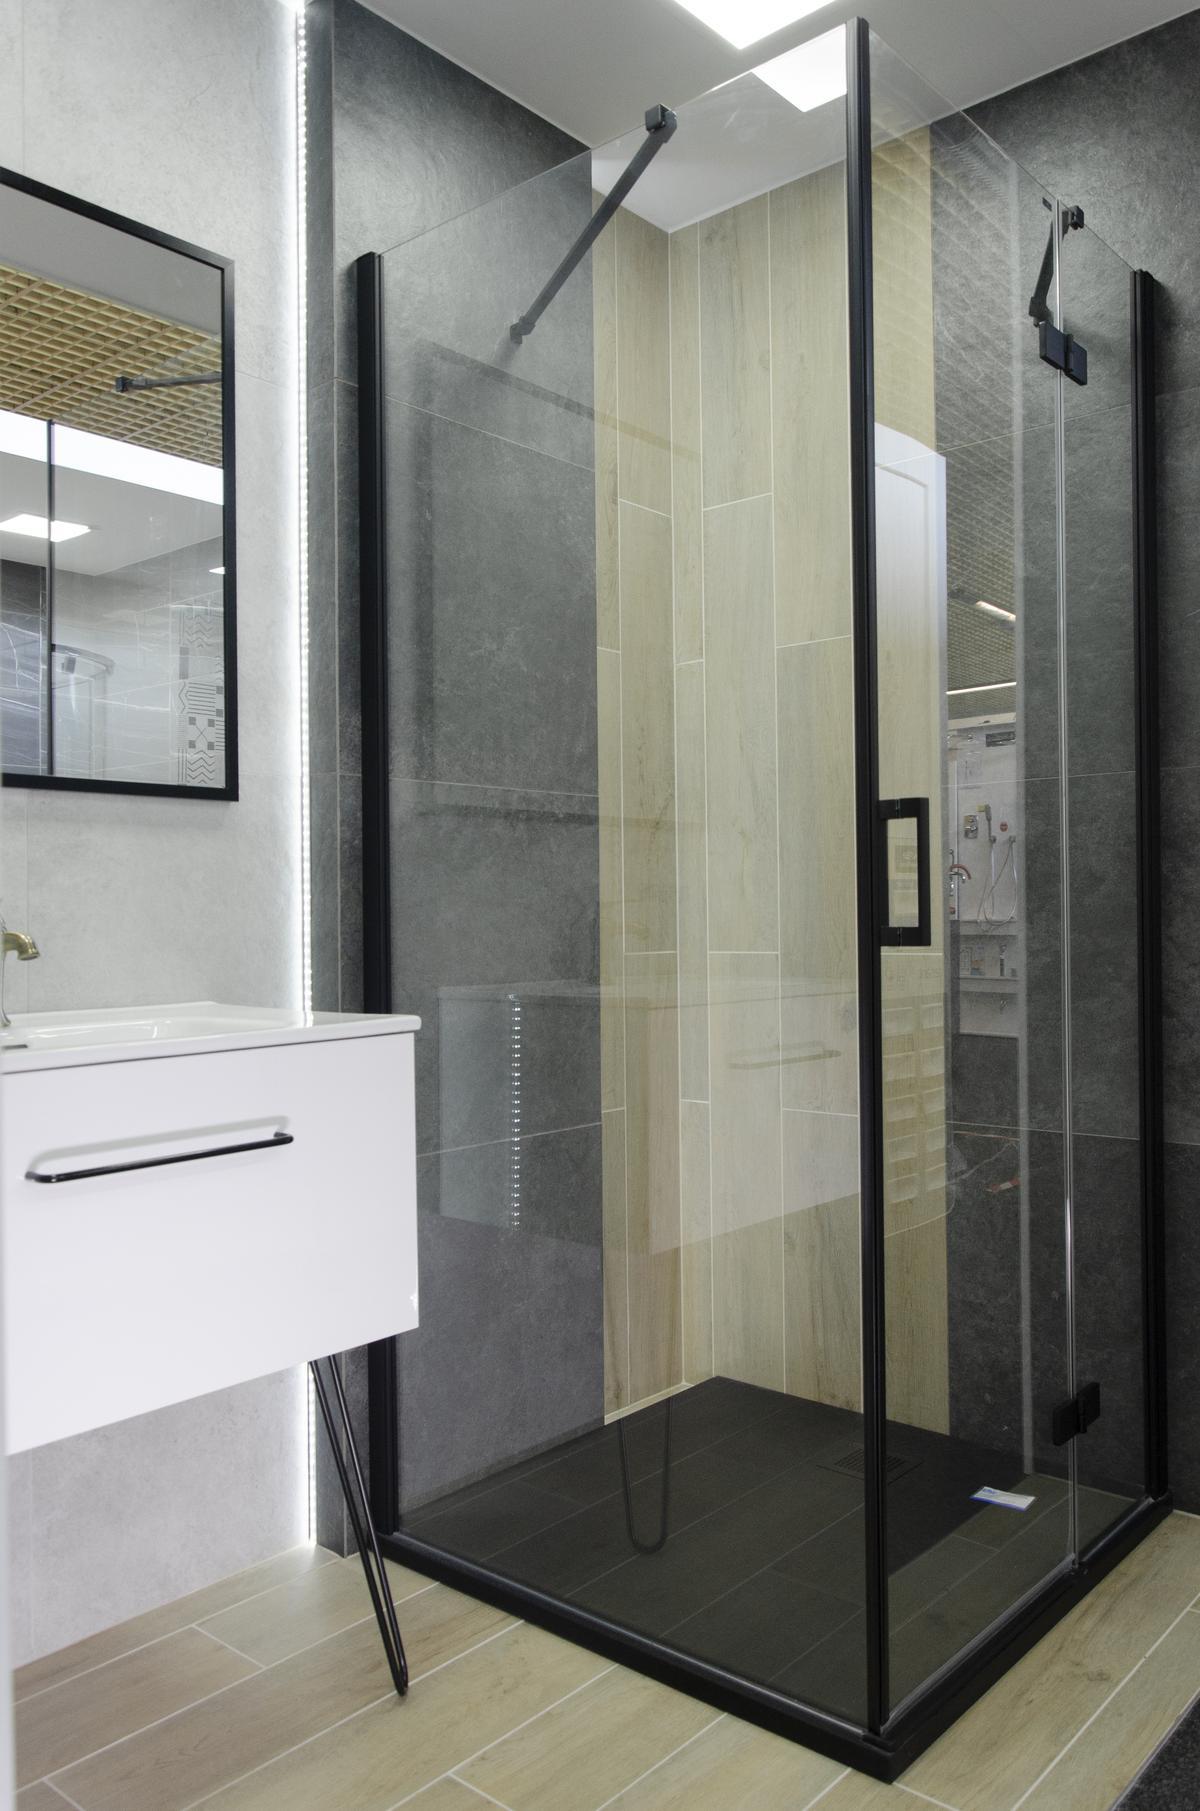 Połączenie w łazience ciemnej szarości i jasnej płytki drewnopodobnej - zdjęcie od BLU salon łazienek Łowicz